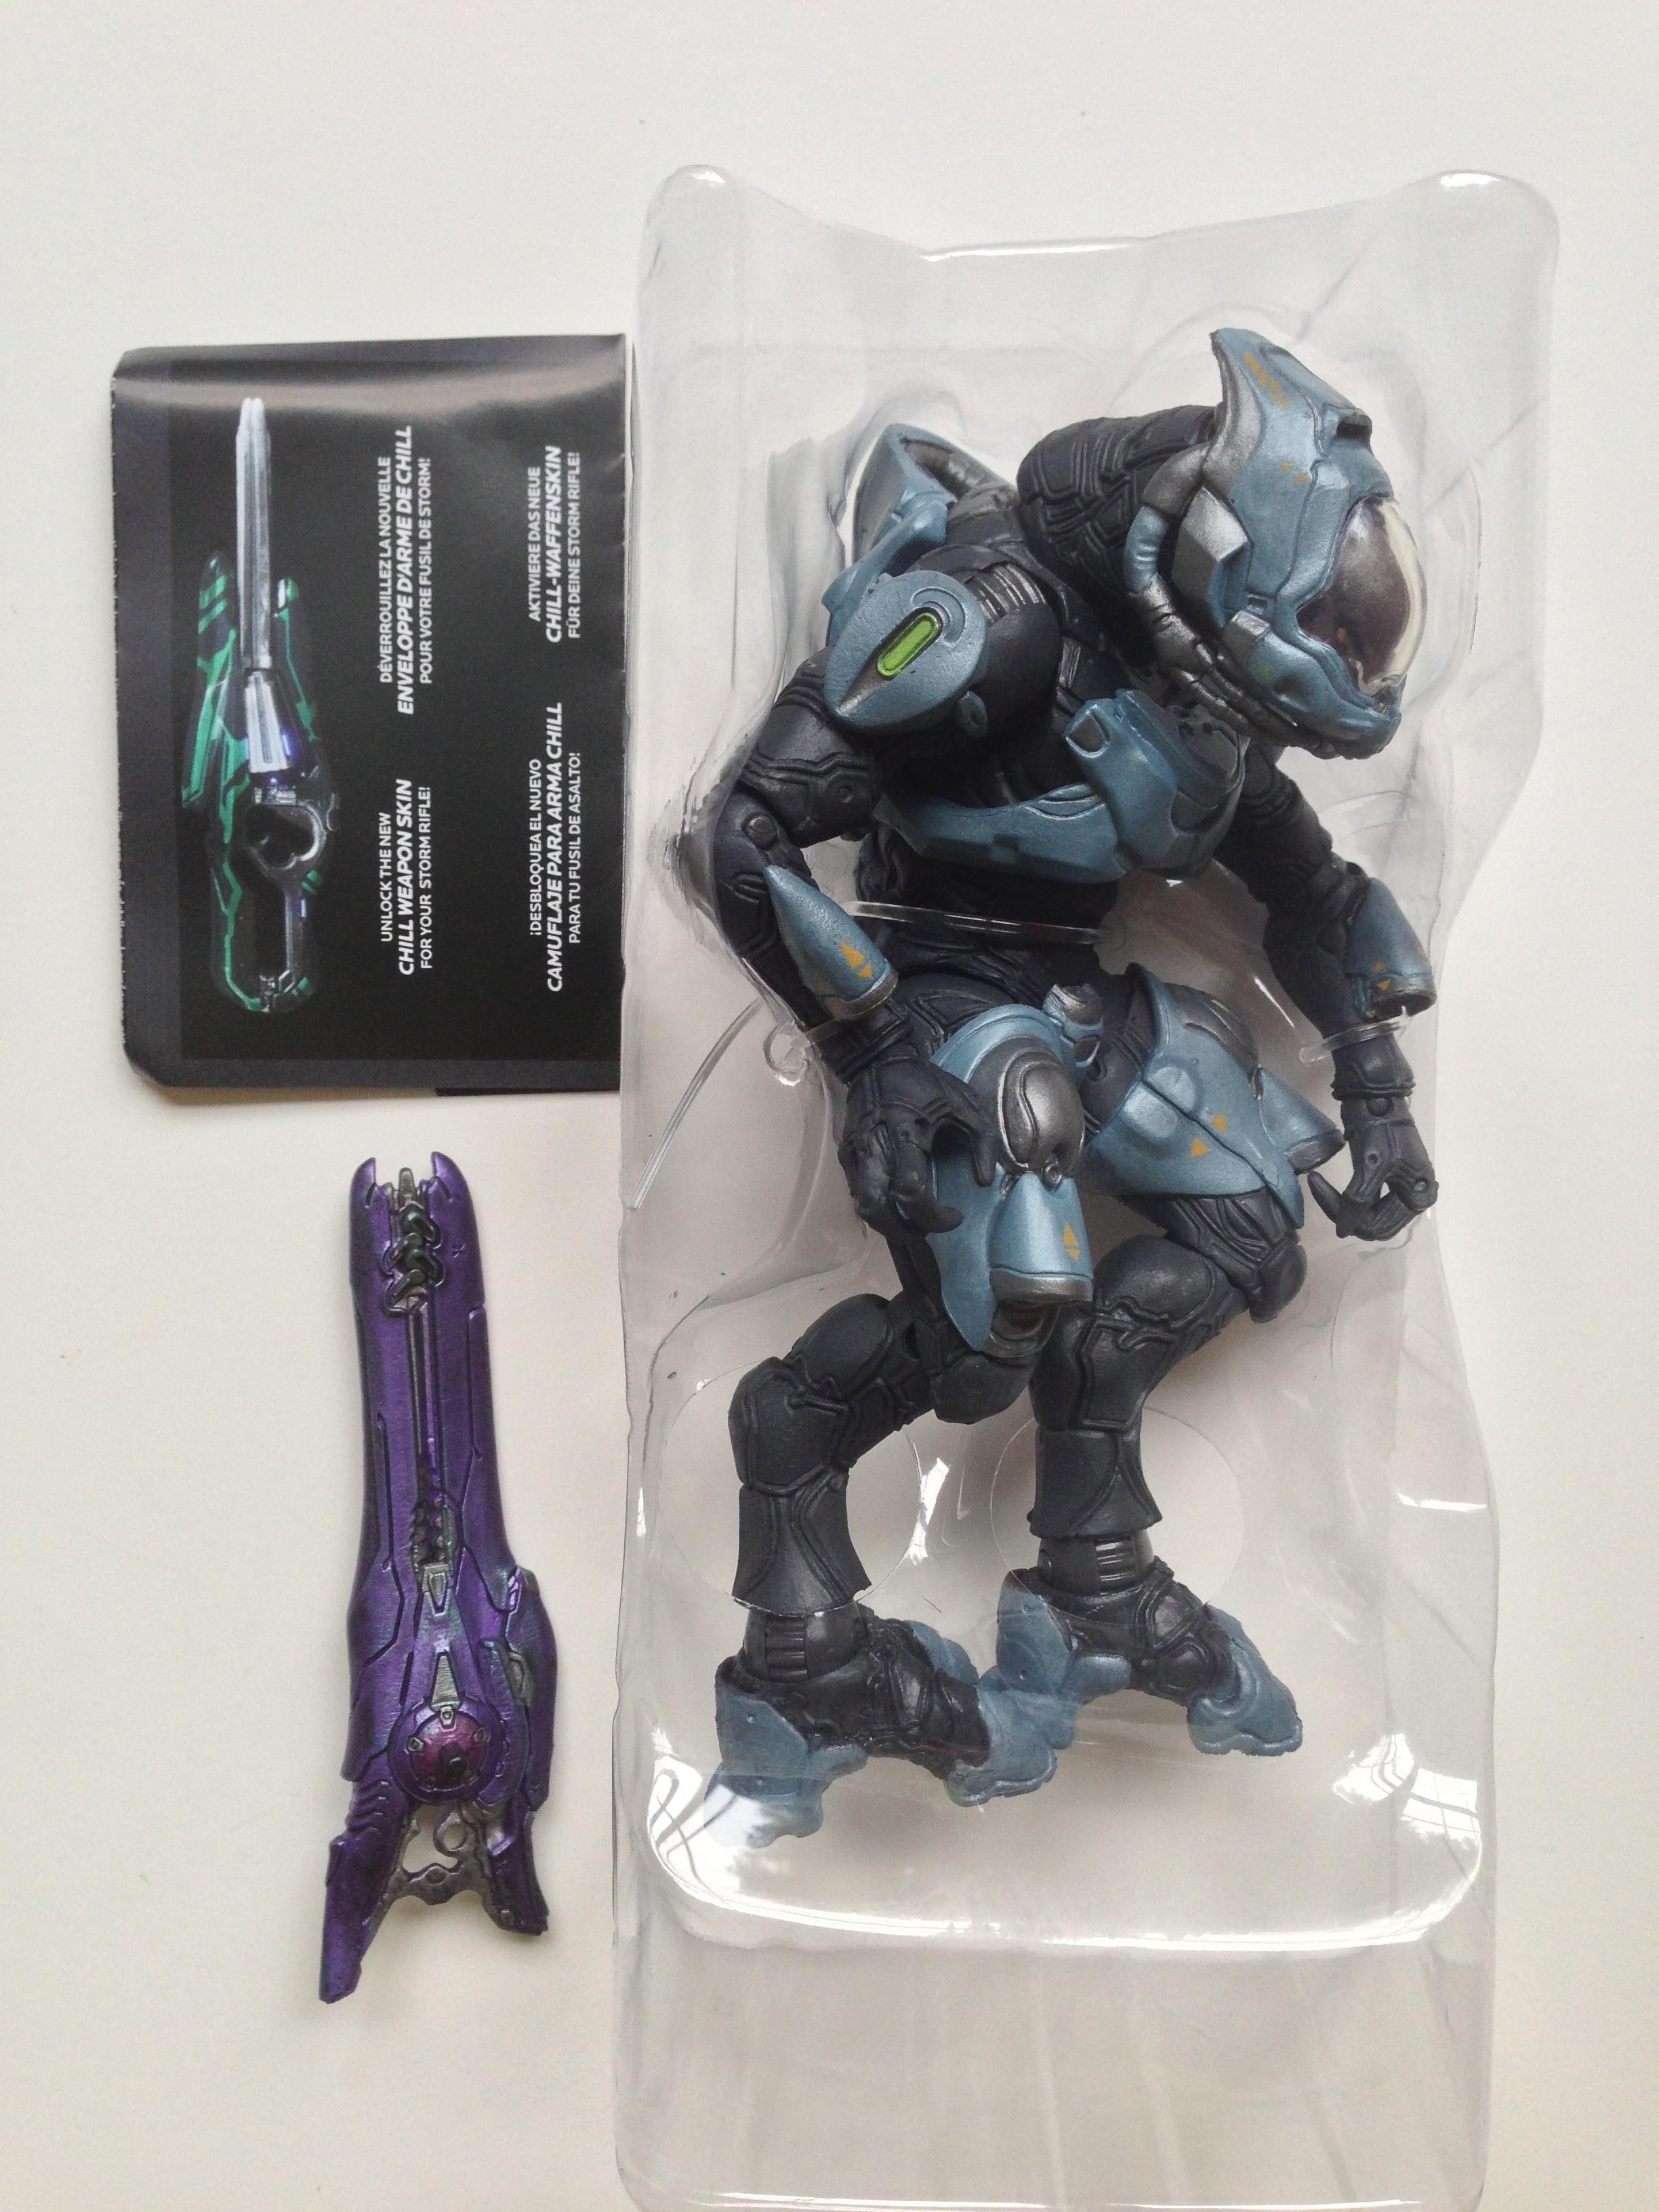 Toys For 4 : Halo series elite ranger figure review mcfarlane toys